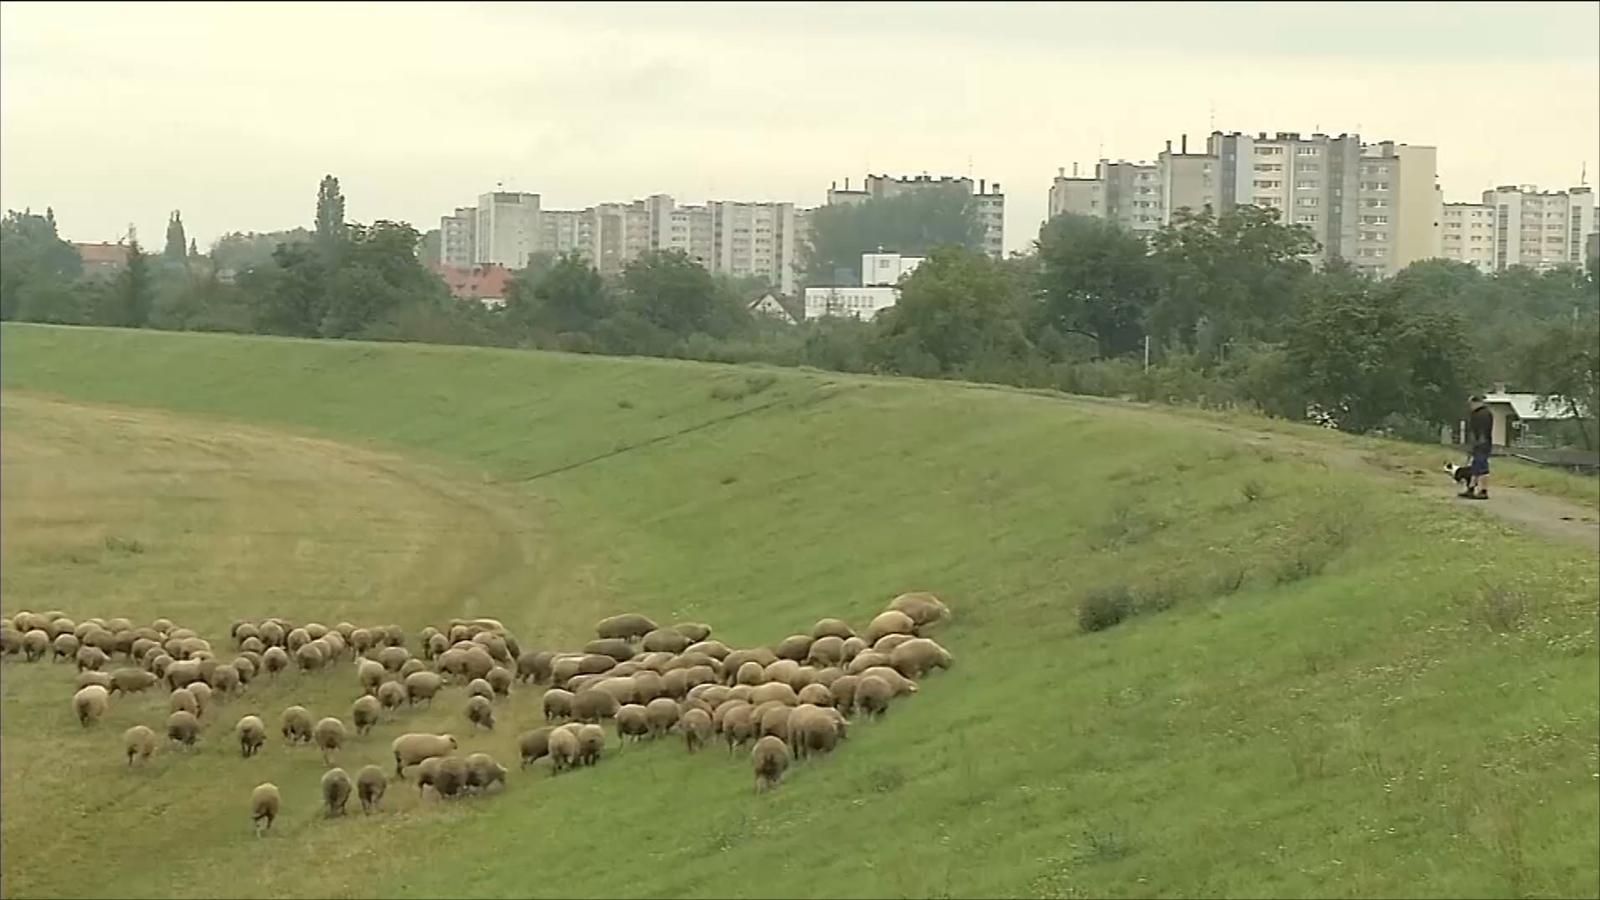 هذا الصباح- العودة للخراف للتخلص من العشب الأخضر